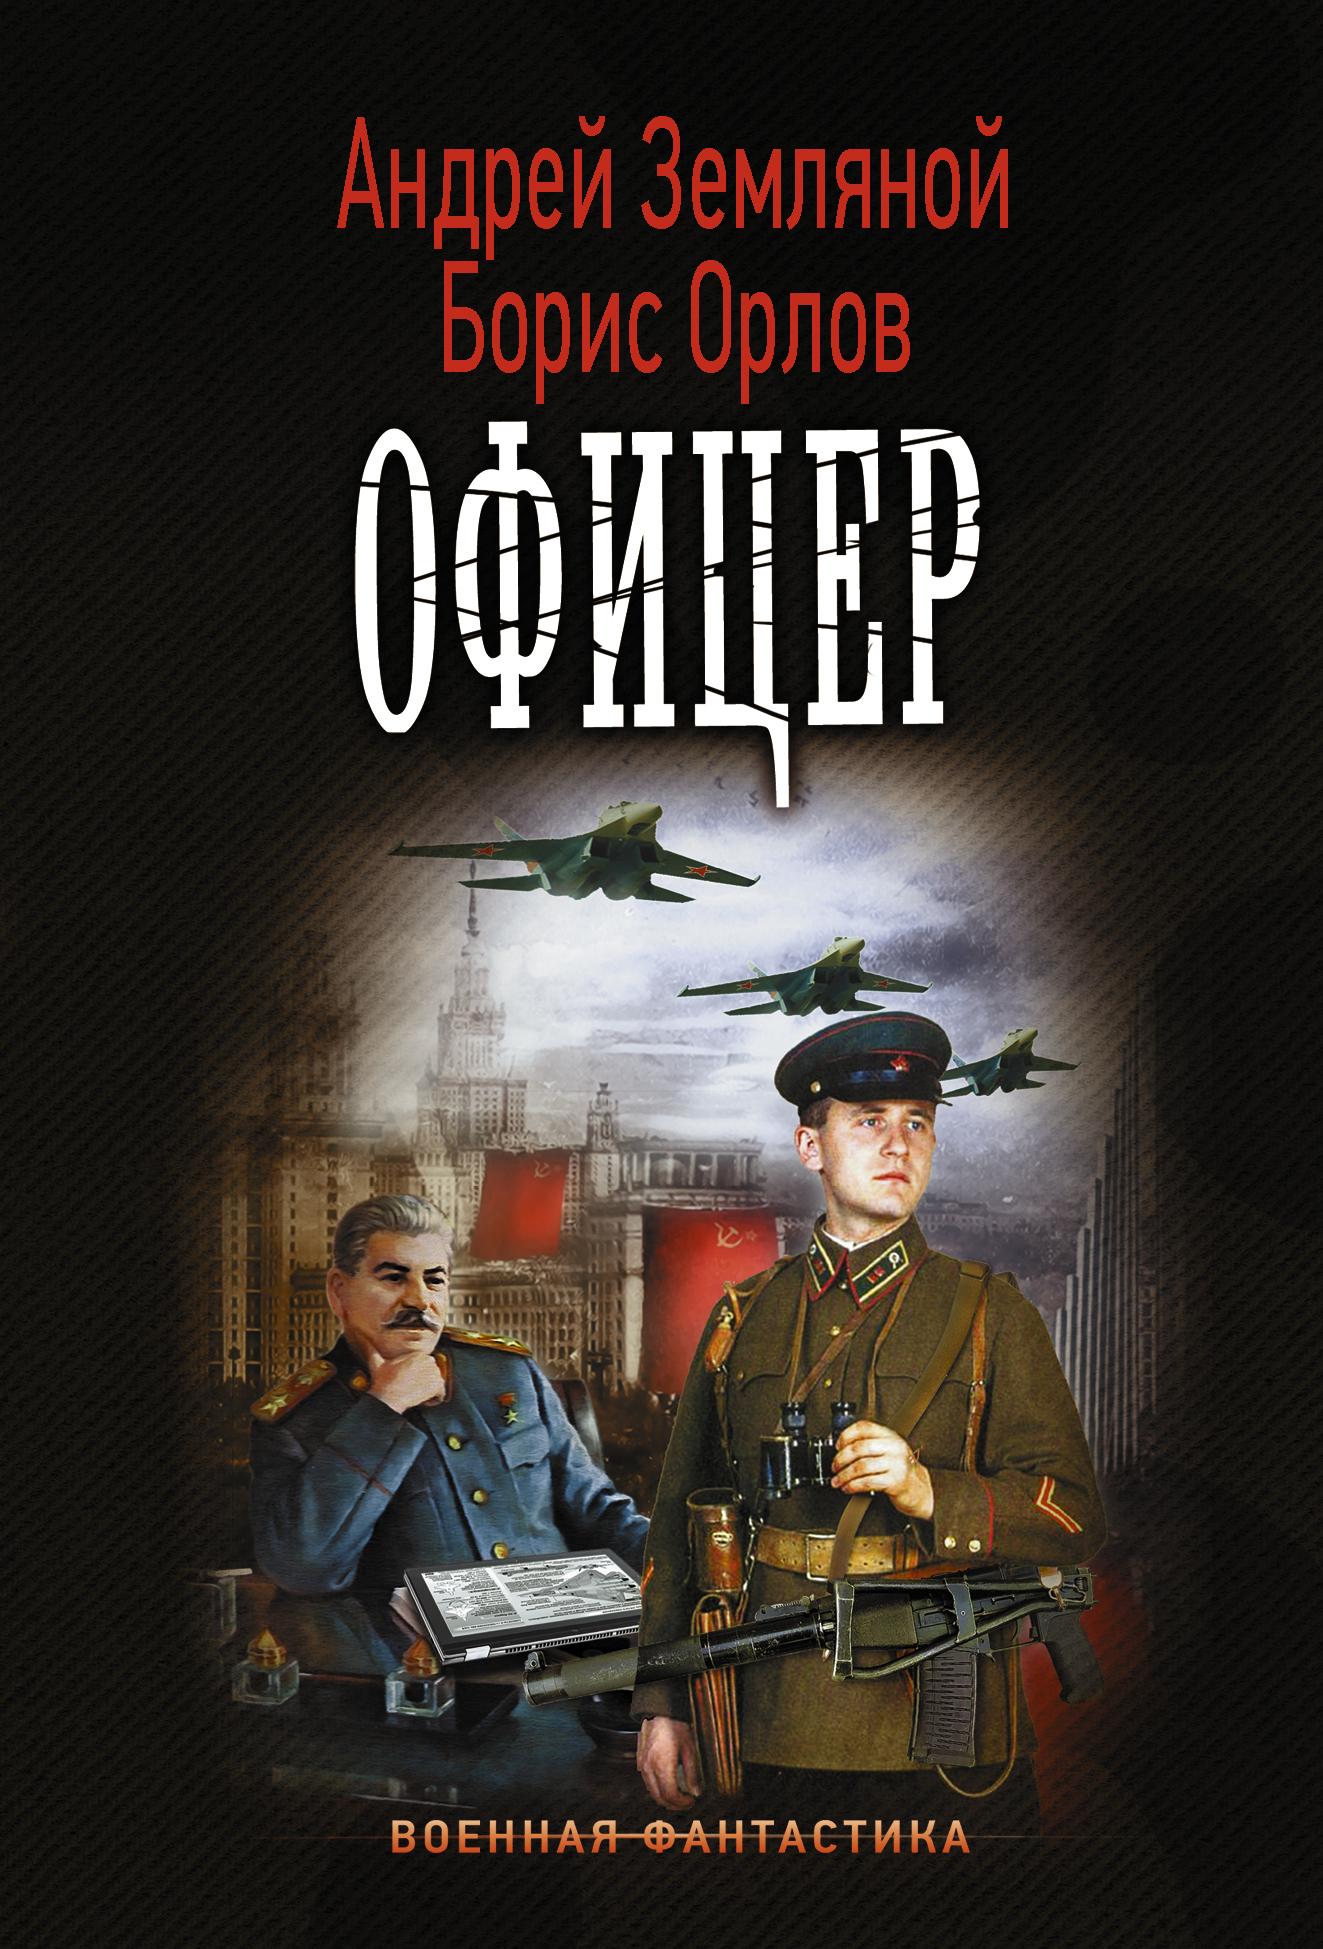 Андрей Земляной, Борис Орлов Офицер андрей земляной борис орлов глубина